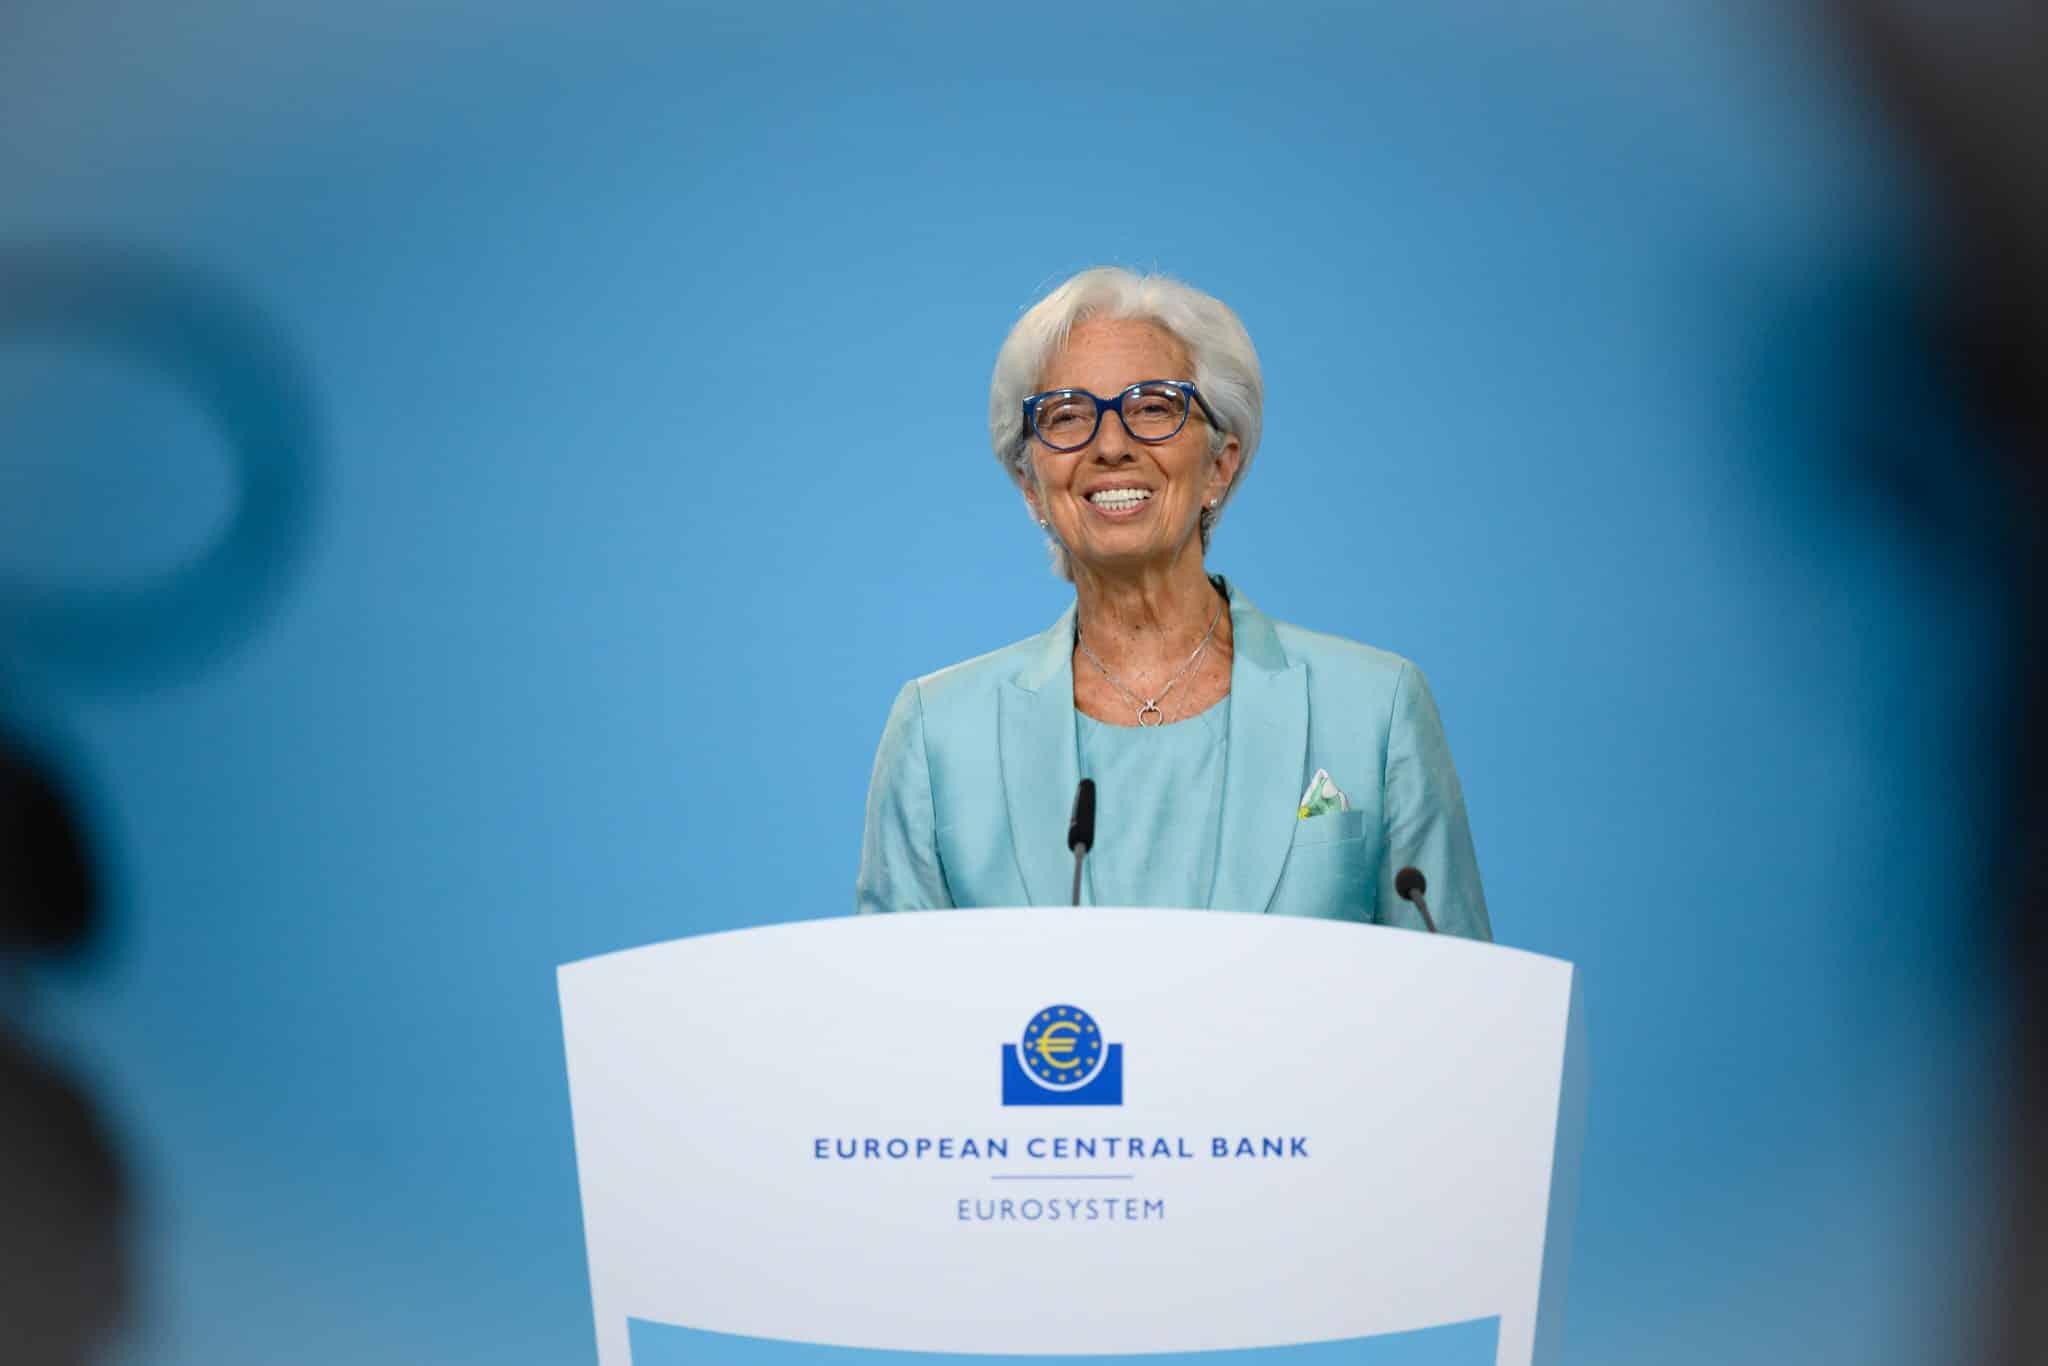 Annonces de la BCE : quel impact sur Bitcoin (BTC) et les cryptomonnaies ? - CoinTribune